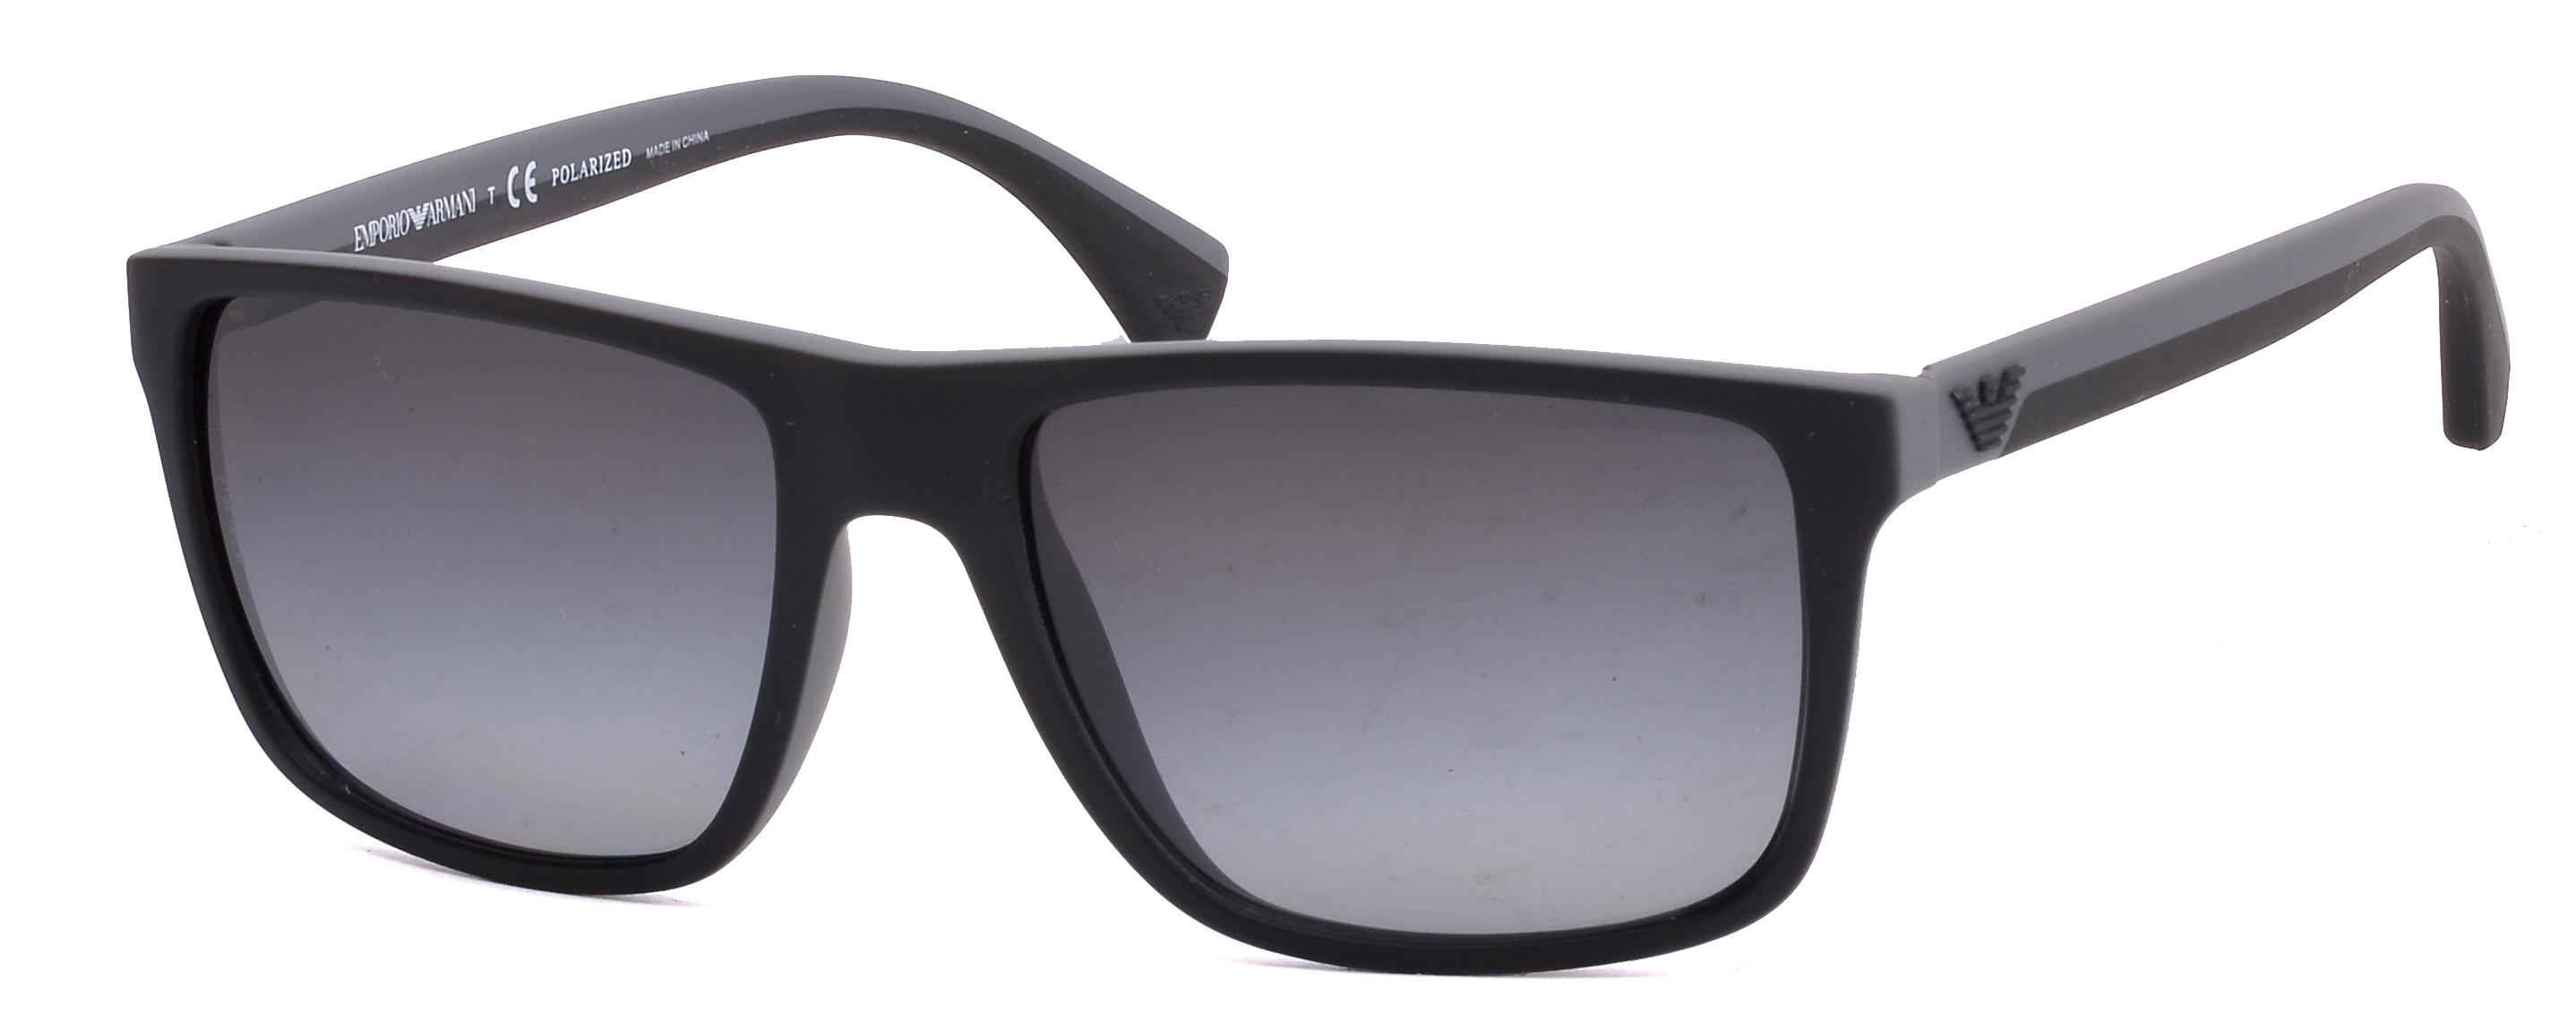 emporio armani sunglasses  emporio armani men\'s